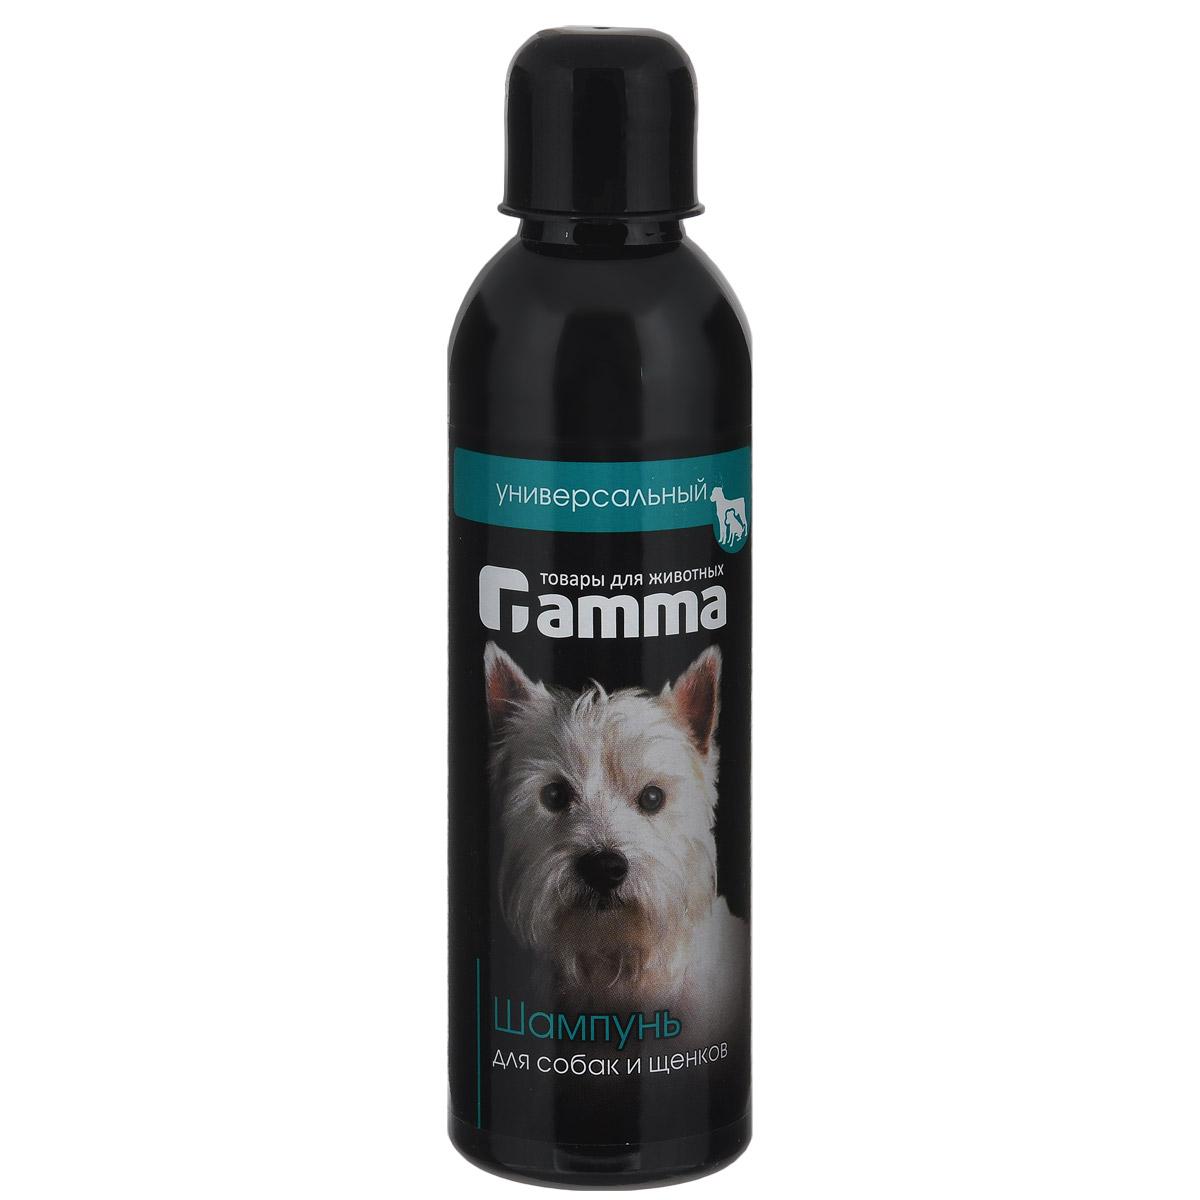 Шампунь универсальный Гамма для взрослых собак и щенков, 250 млШг-12100Универсальный шампунь Гамма предназначен как для взрослых собак, так и для щенков. Шампунь прекрасно очищает шерсть любого типа, кондиционируя ее и придавая ей здоровый блеск. Провитаминный комплекс улучшает структуру и внешний вид шерсти. Сбалансированный состав активизирует защитные свойства кожи, предохраняя ее от пересыхания и регенерируя поврежденные участки. Шампунь легко смывается, оставляя на шерсти питомца легкий аромат свежести. Состав: вода очищенная, натрия лаурет-сульфат, натрия хлорид, диэтаноламид жирных кислот кокосового масла, алкиламидопропил бетаин, глицерин, поликватерниум-7 (кондиционер), Д-пантенол, экстракт крапивы, паста хвойная хлорофиллокаротиновая, консервант, отдушка Крапива, краситель Е133. Объем: 250 мл. Товар сертифицирован.